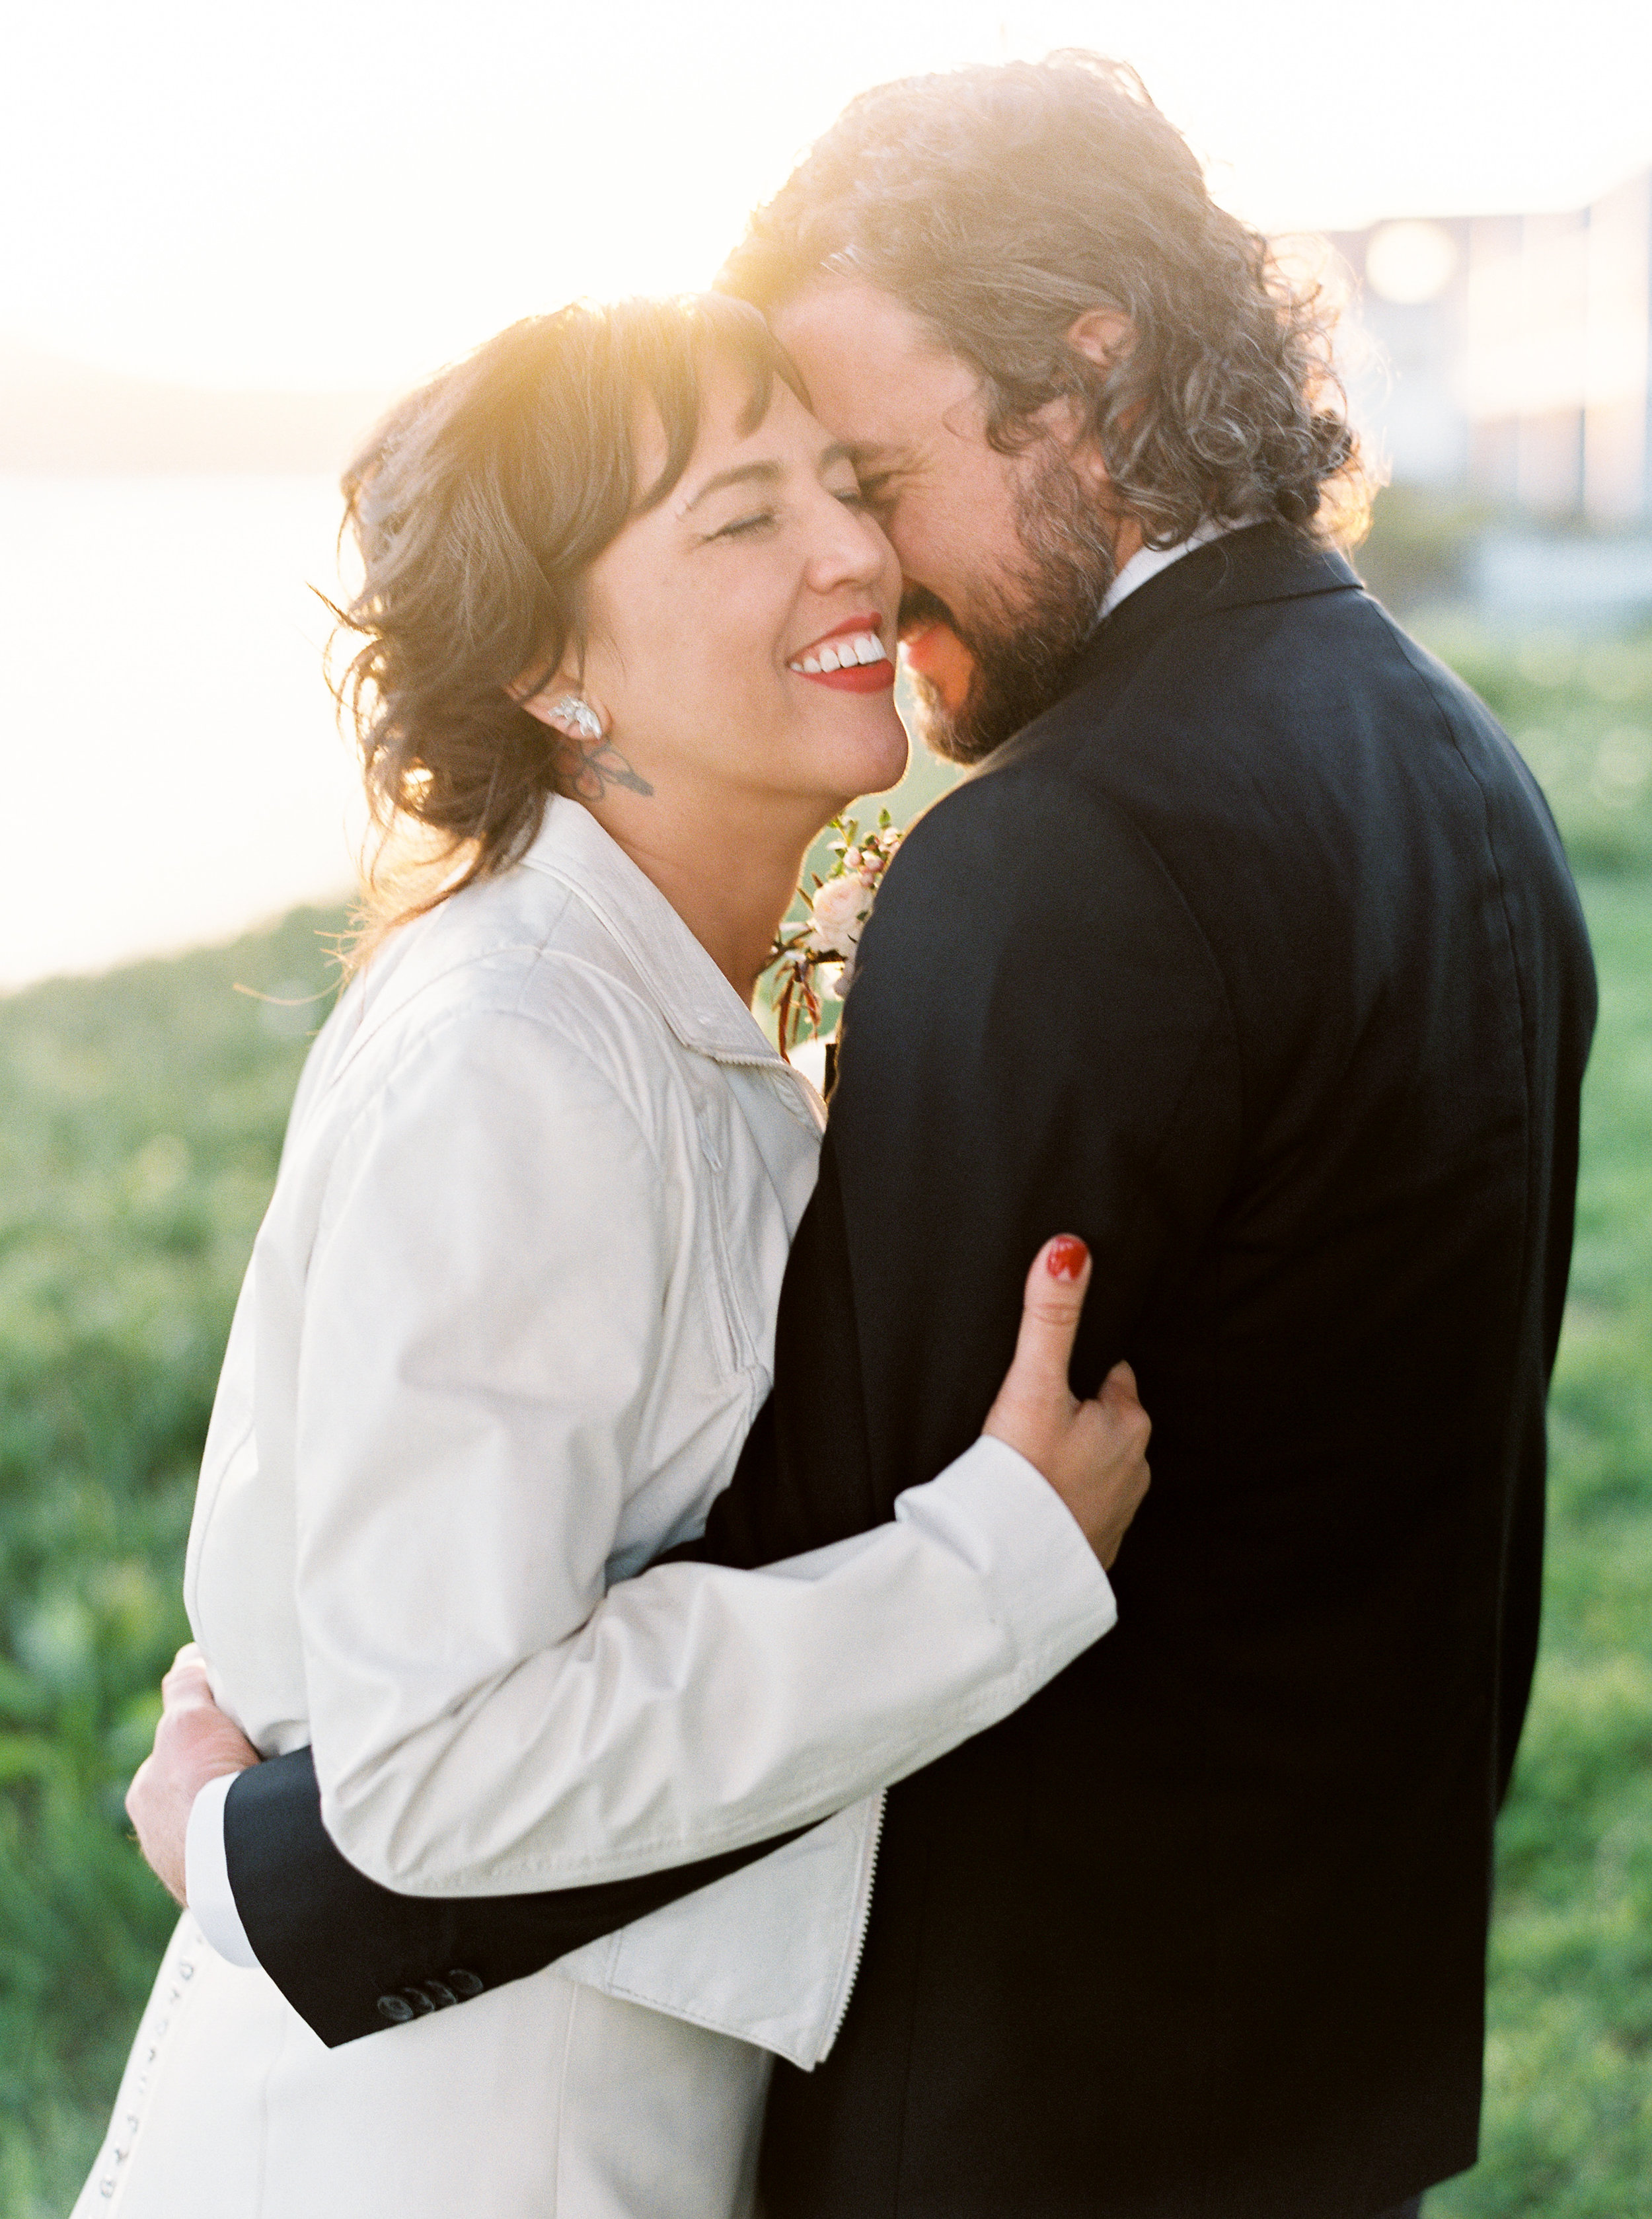 Mavericks-event-center-wedding-in-half-moon-bay-california614.jpg